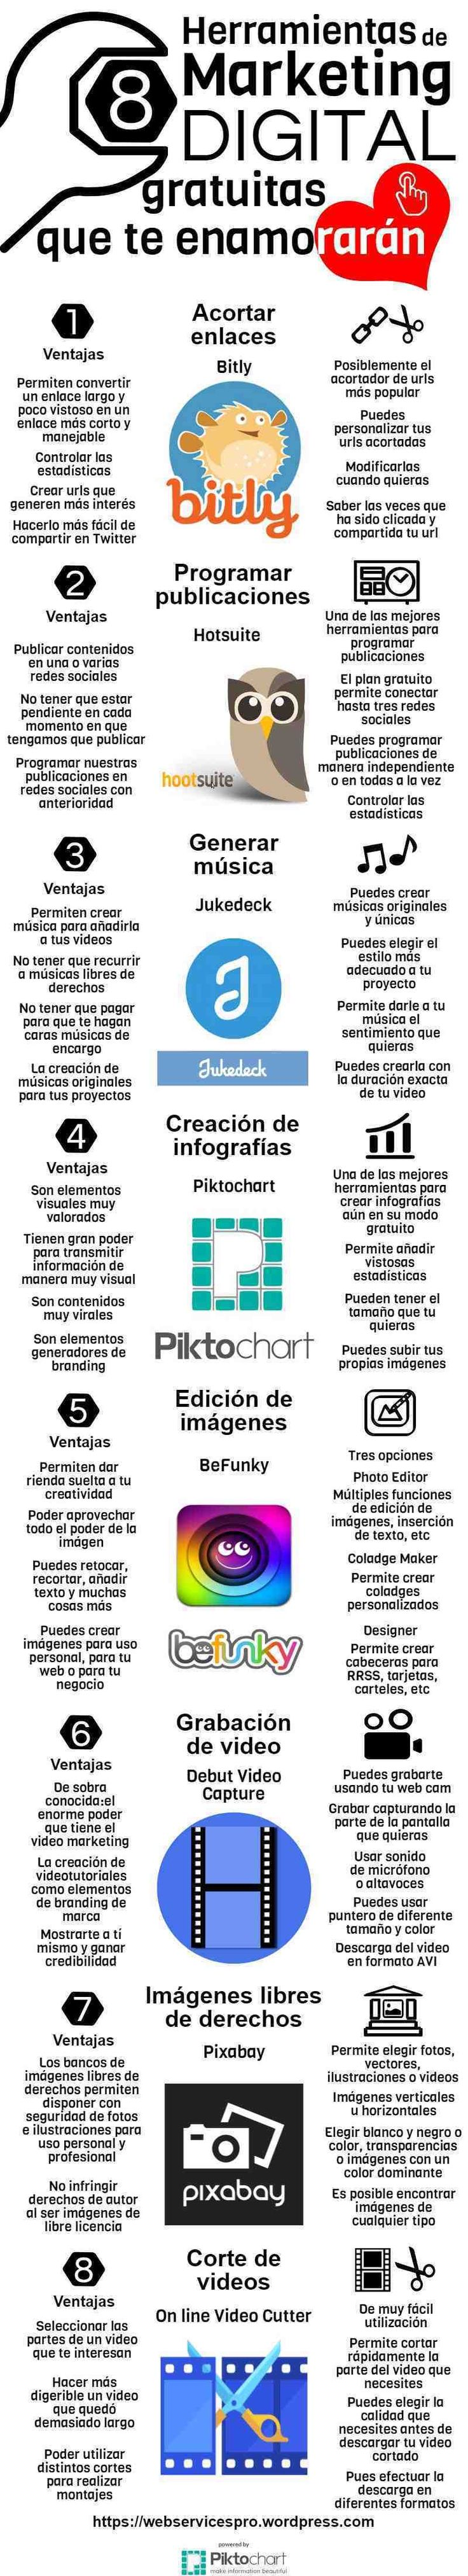 8 Herramientas de marketing digital gratuitas